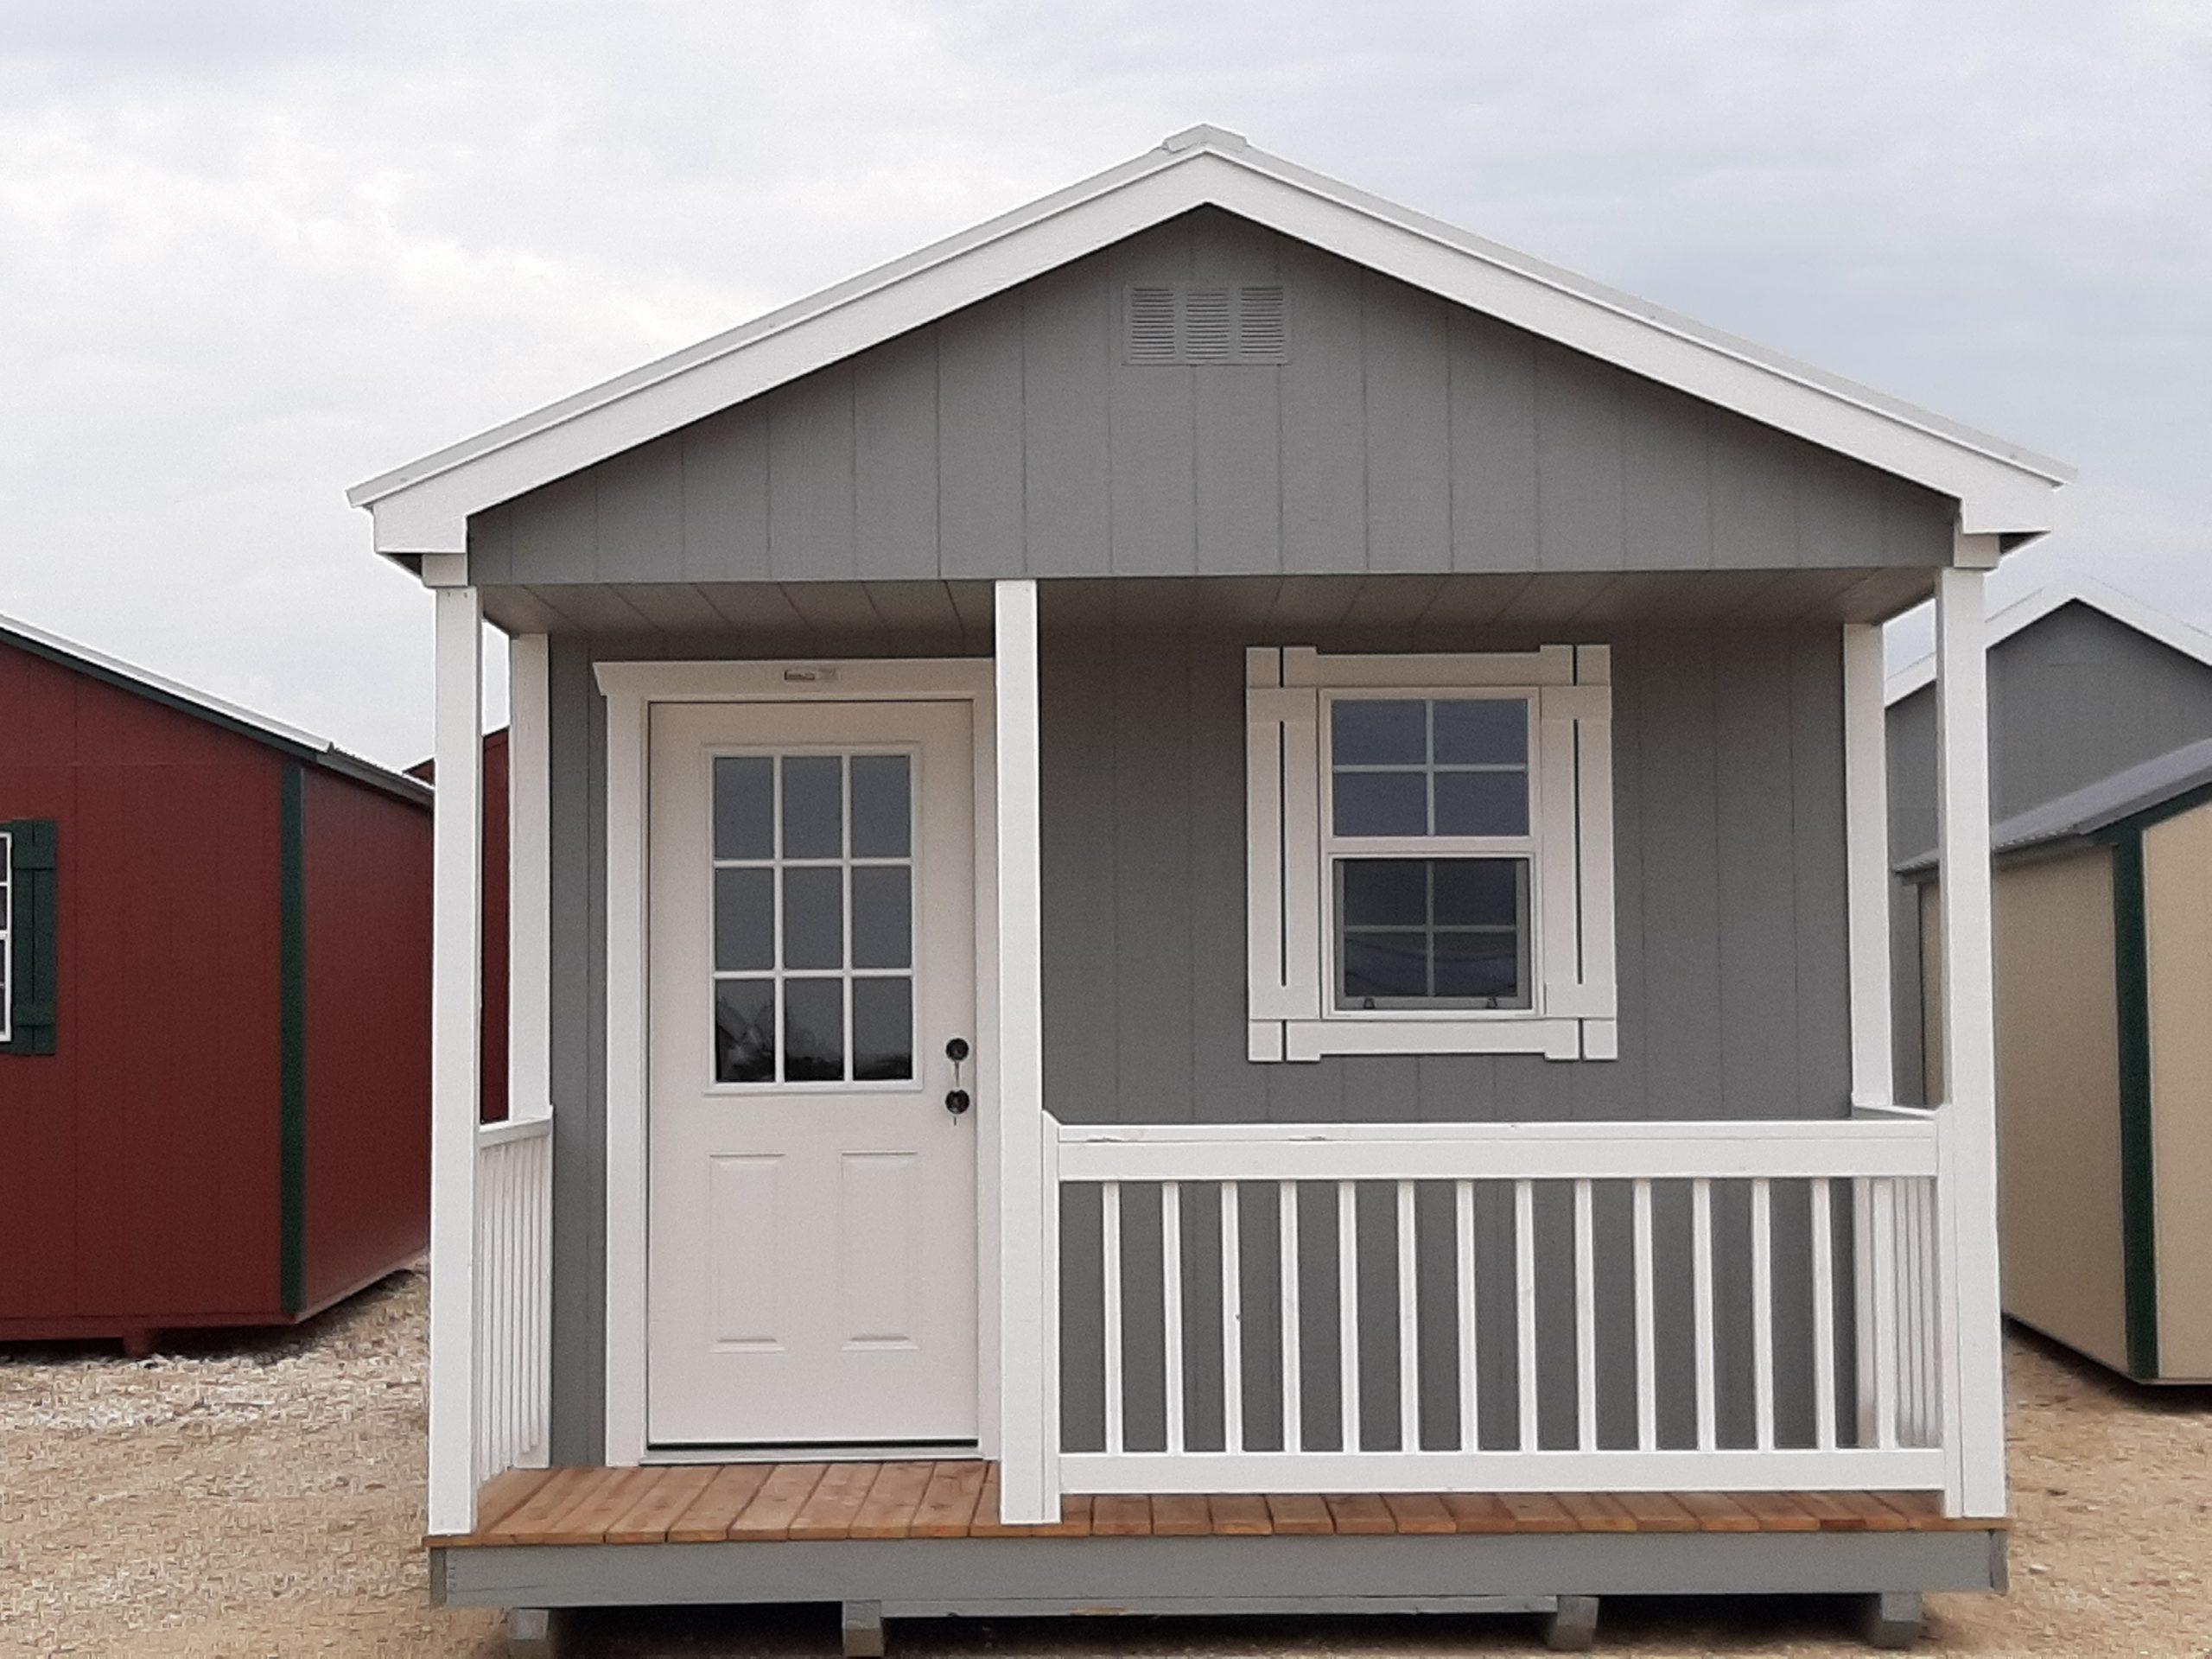 12x20 Cabin w/ Porch Image